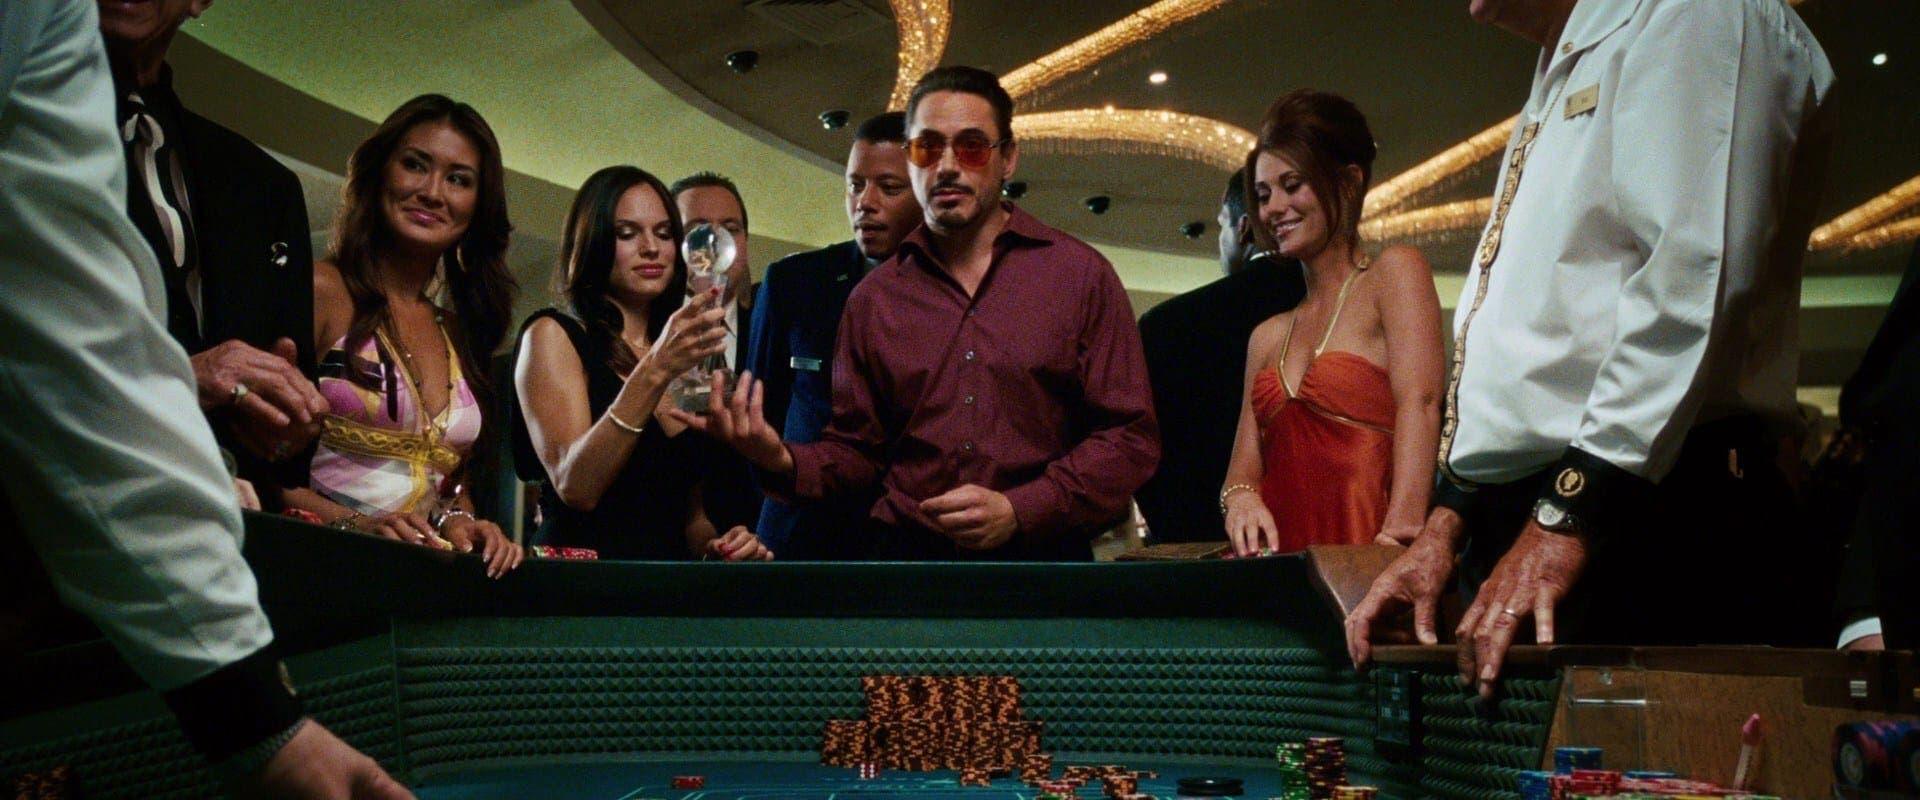 Tony Stark en el Caesar's Palace, Las Vegas